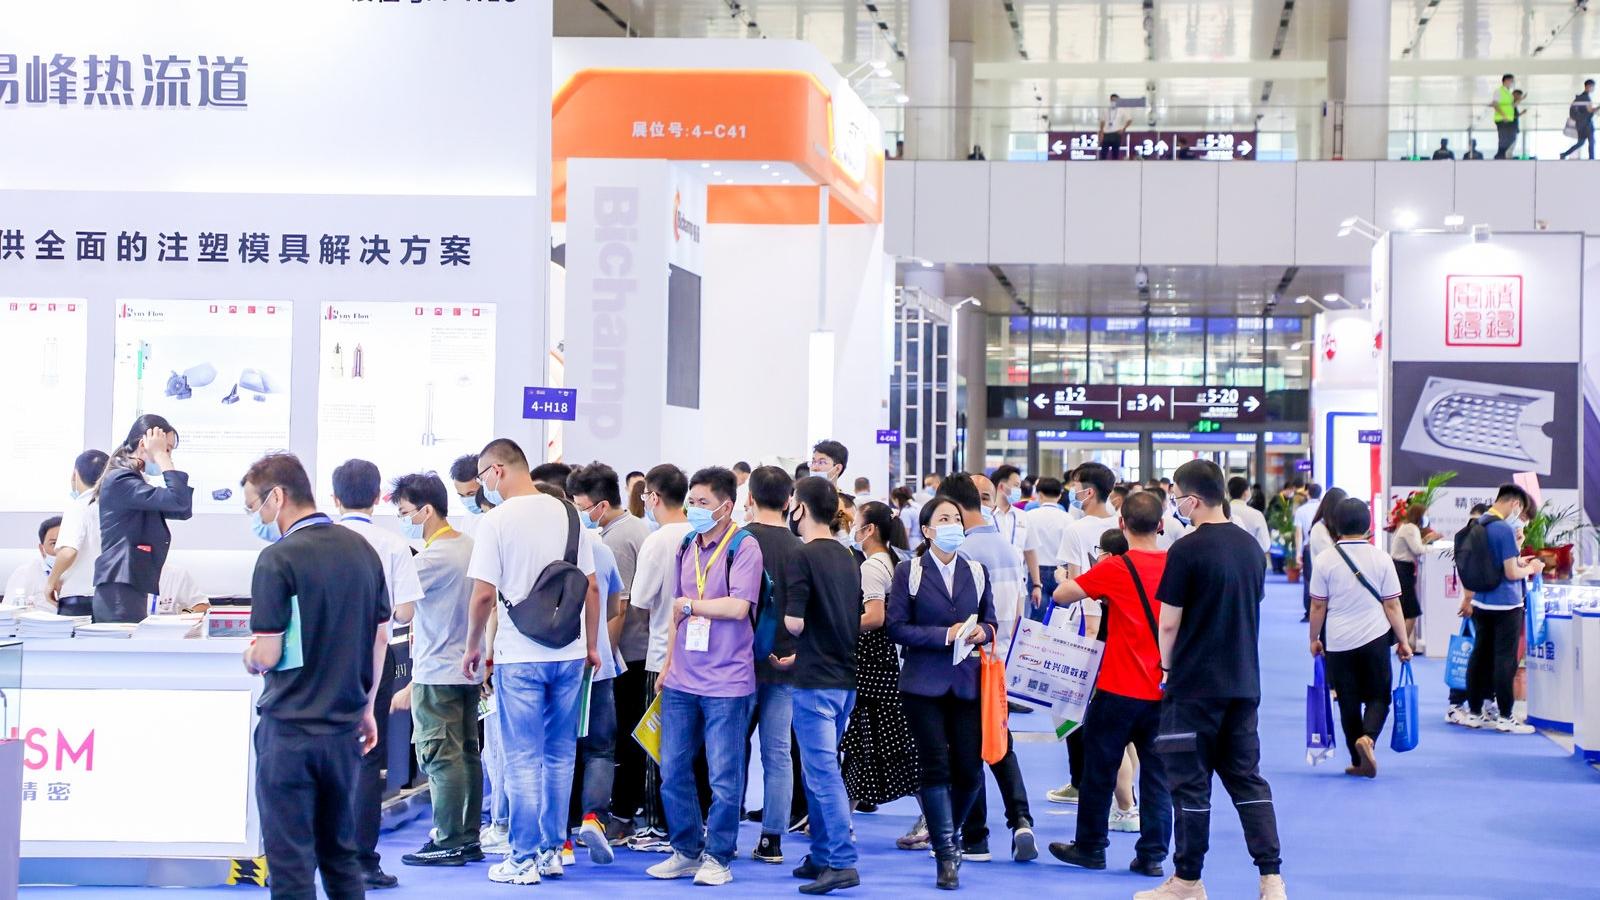 2021ITES深圳工業展恢弘啟幕